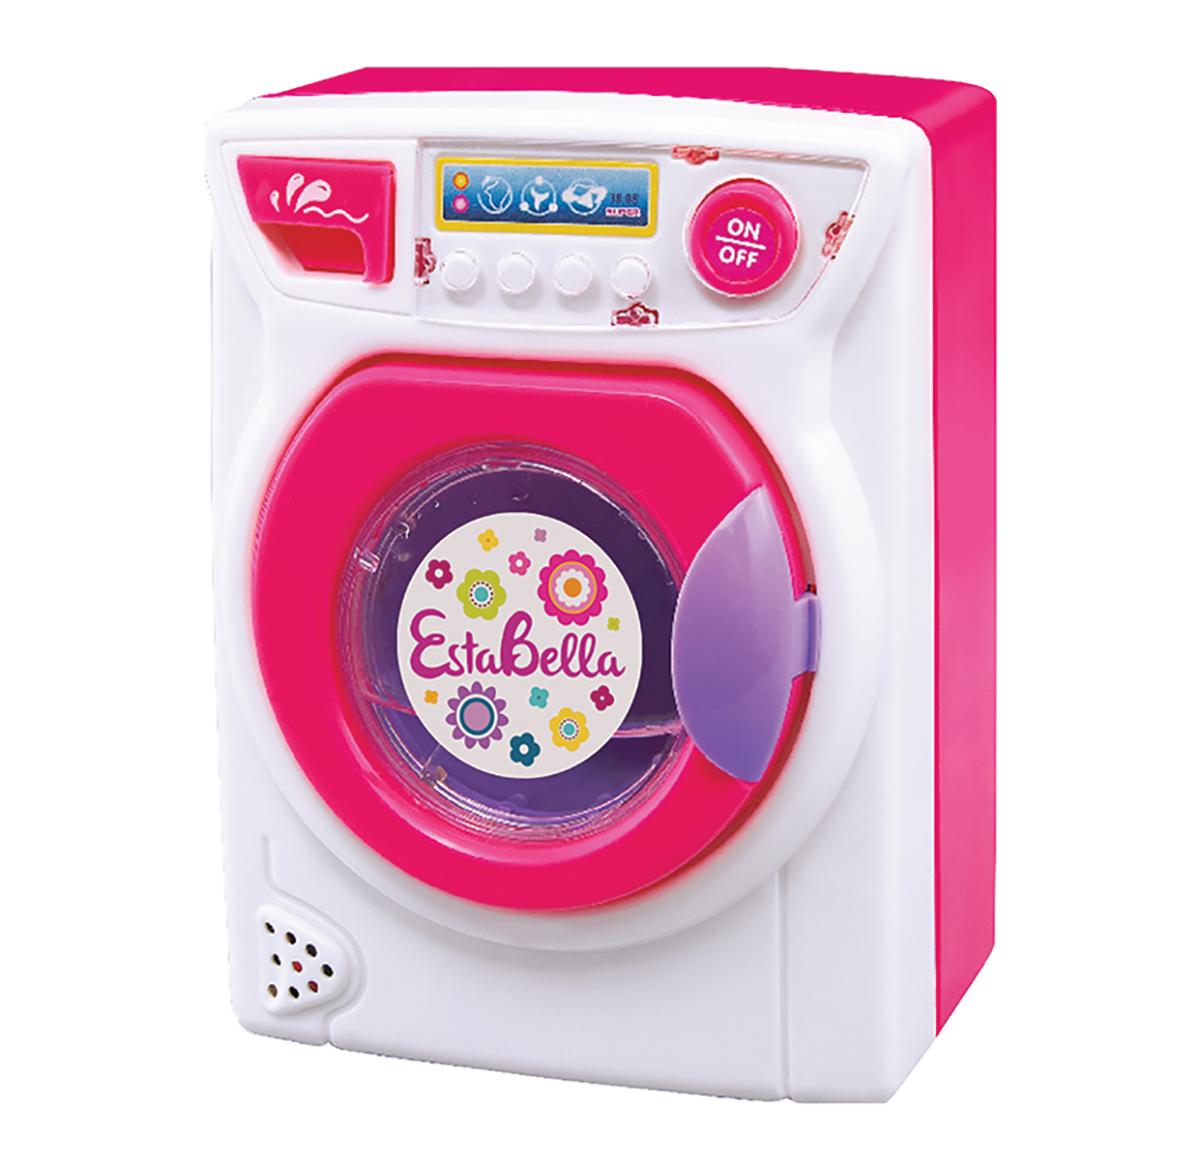 EstaBella Игровой набор Бытовая техника Стиральная машина стиральная настенная машина цена